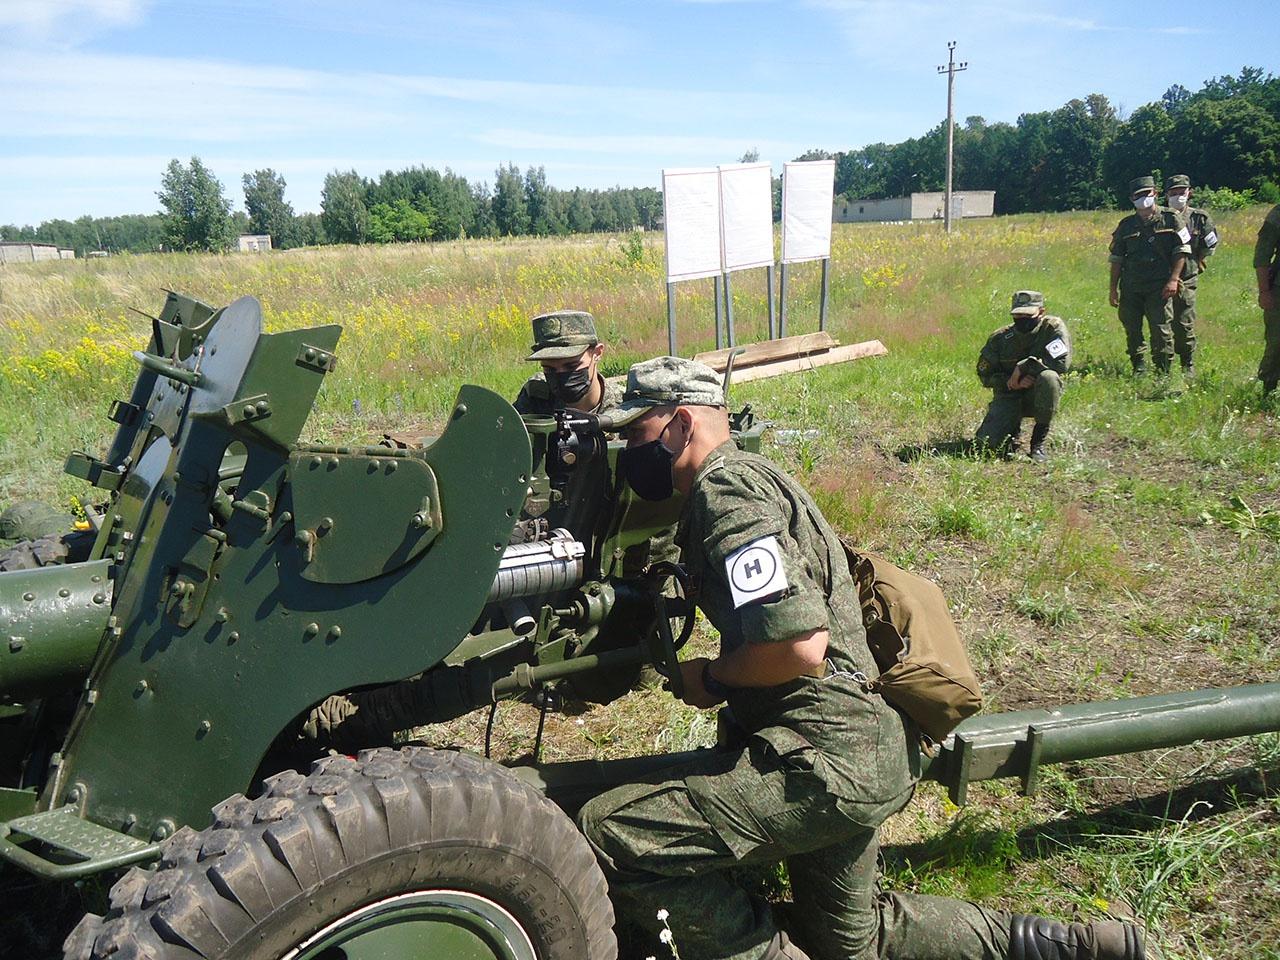 Личный состав бригады уже начал подготовку к КШУ «Запад-2021».